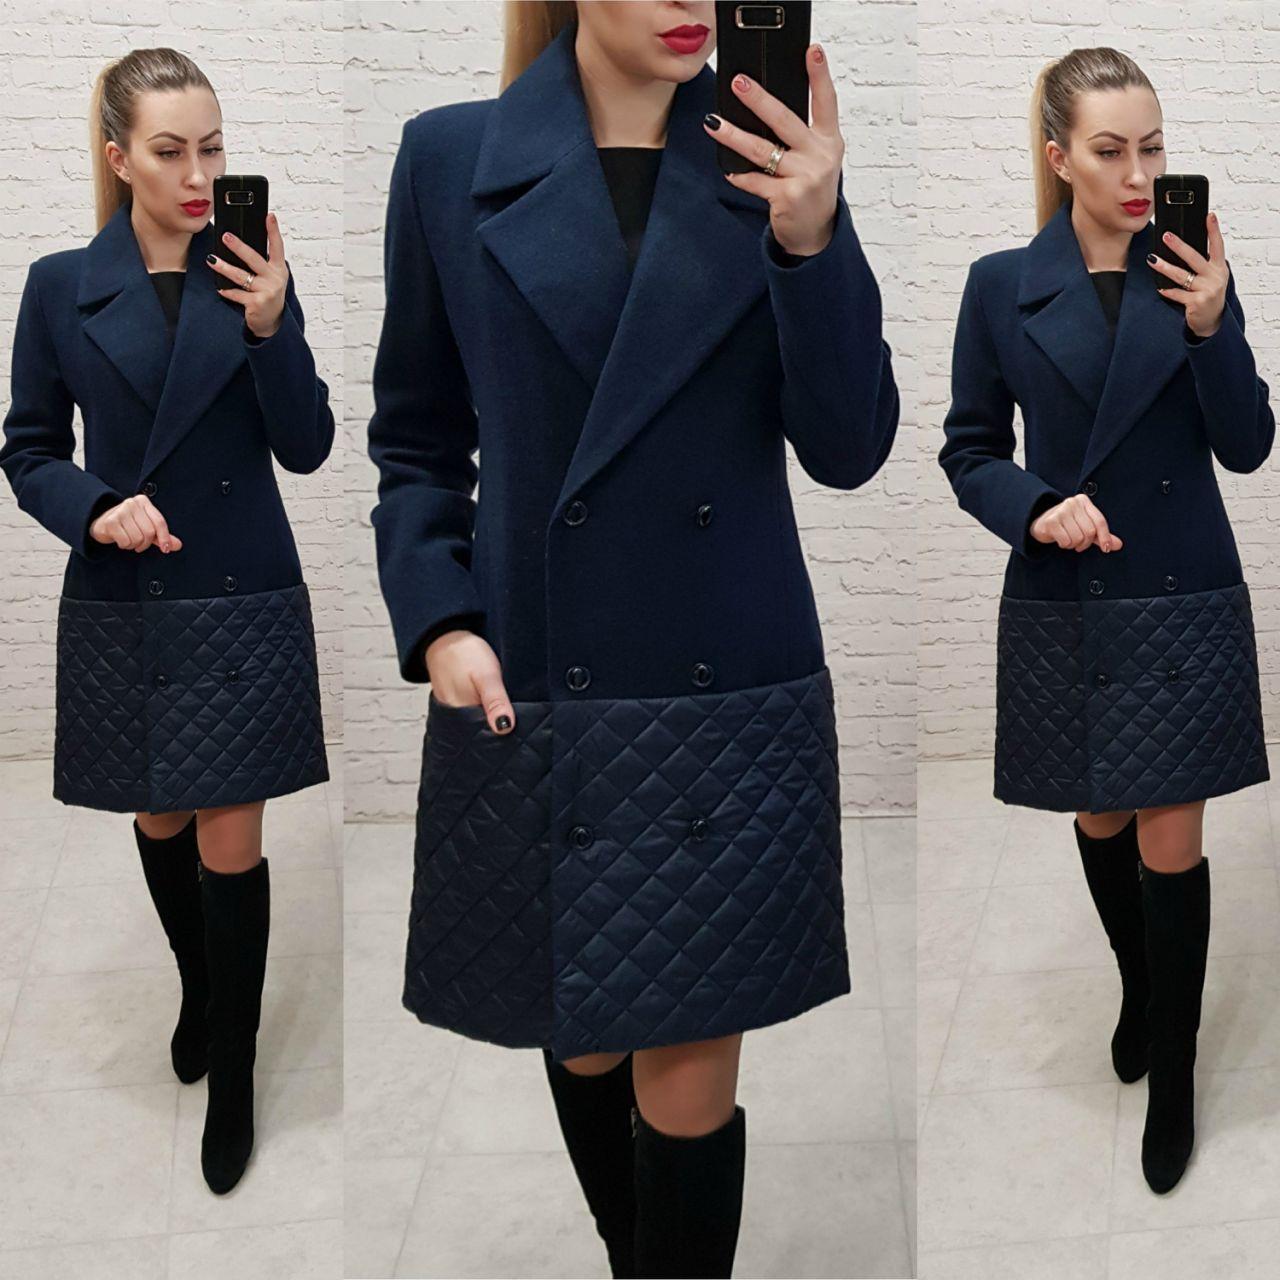 Пальто жіноче весна - осінь арт. 140 синє